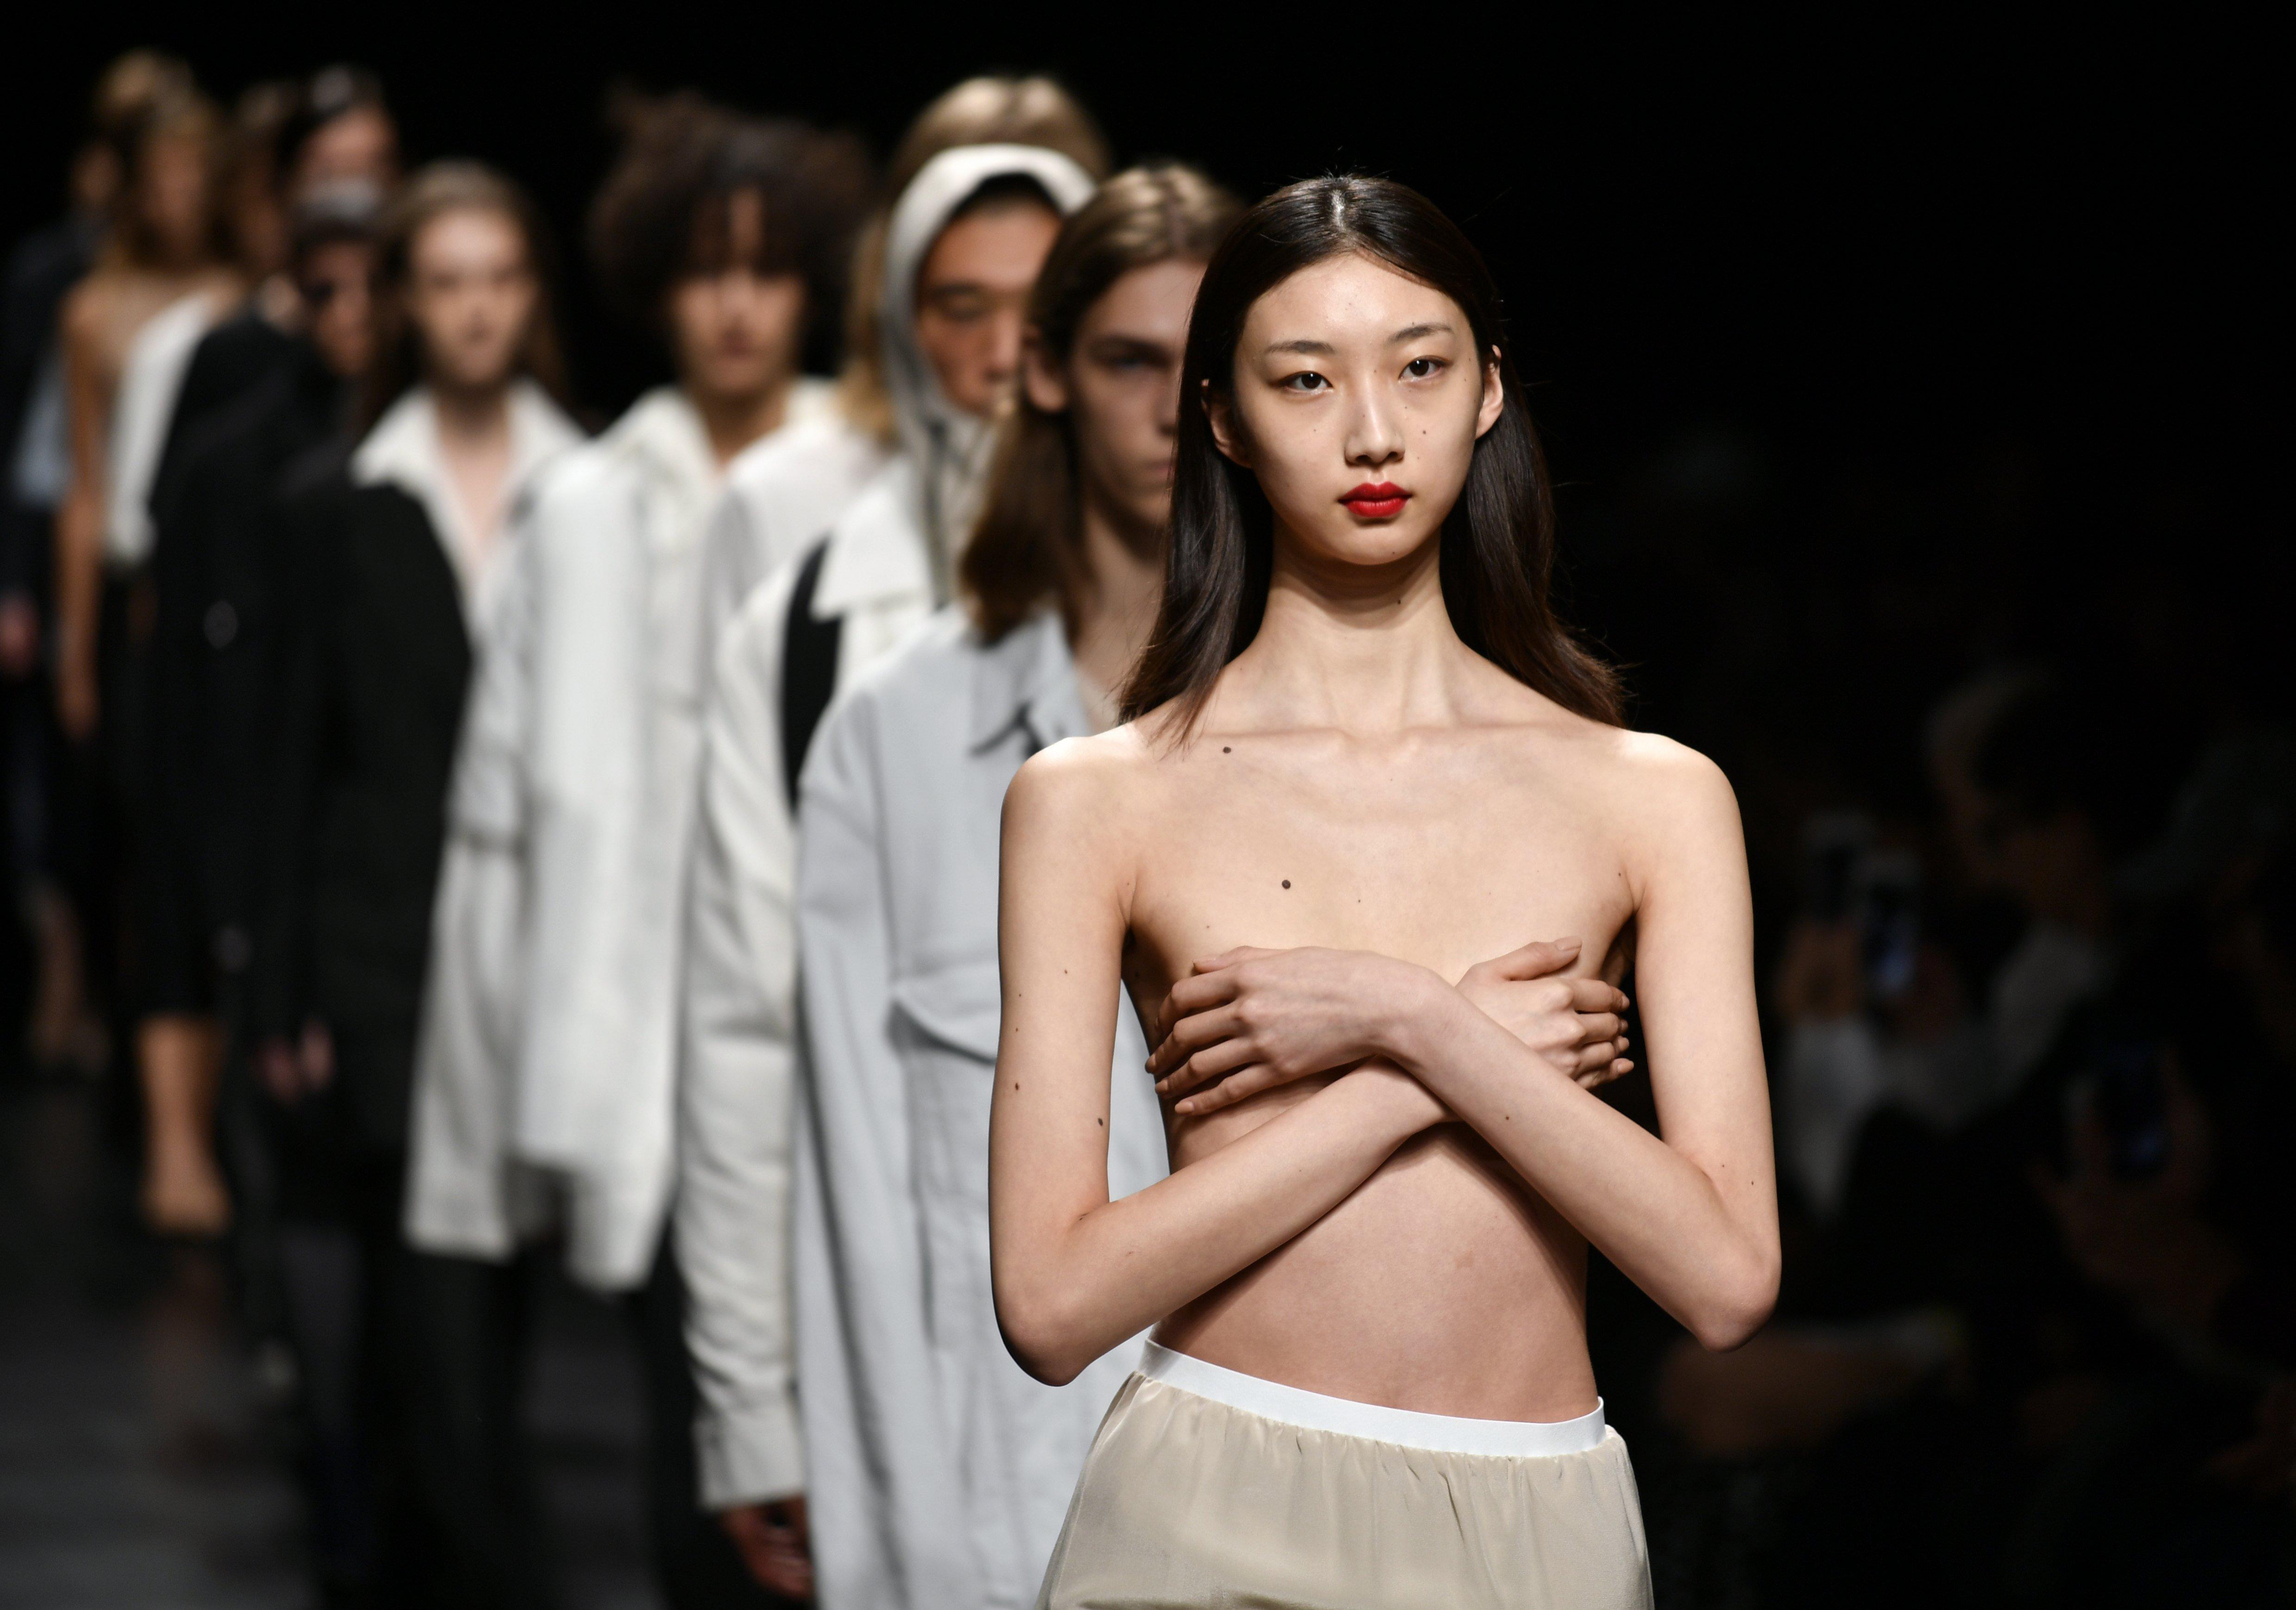 Models presenten les creacions per a la col·lecció per a primavera i estiu de 2018 dels dissenyadors japonesos Takeshi Kitazawa i Emiko Sato per a la firma 'DRESSEDUNDRESSED', durant la Setmana de Moda de Tòquio, al Japó./FRANCK ROBICHON